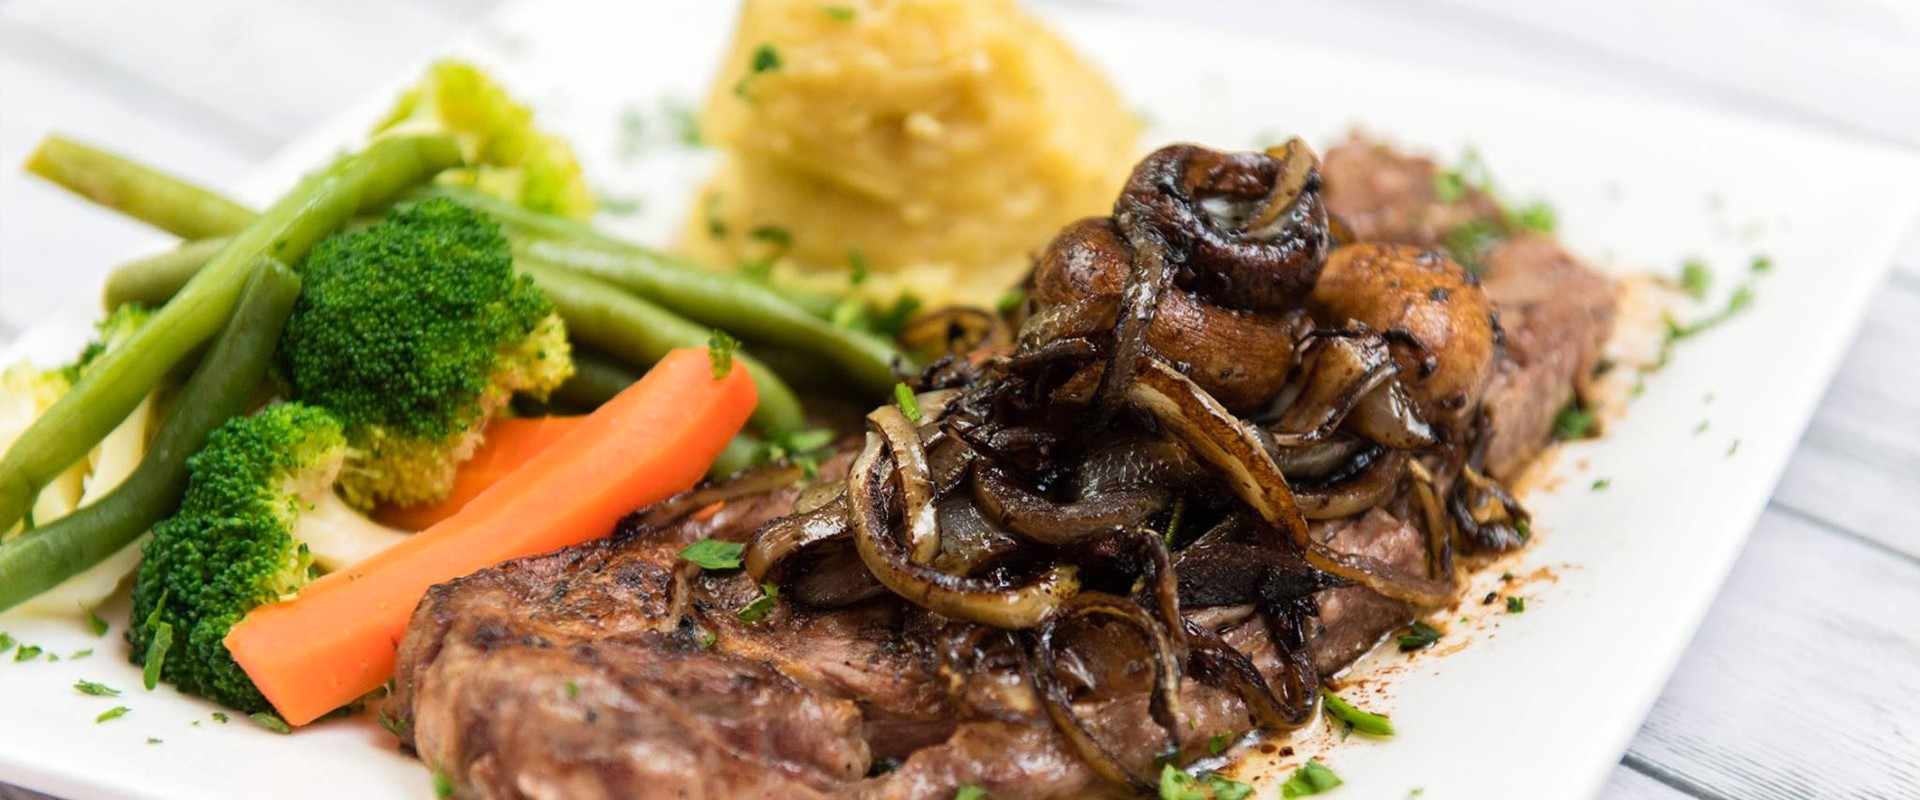 Specials Steak En